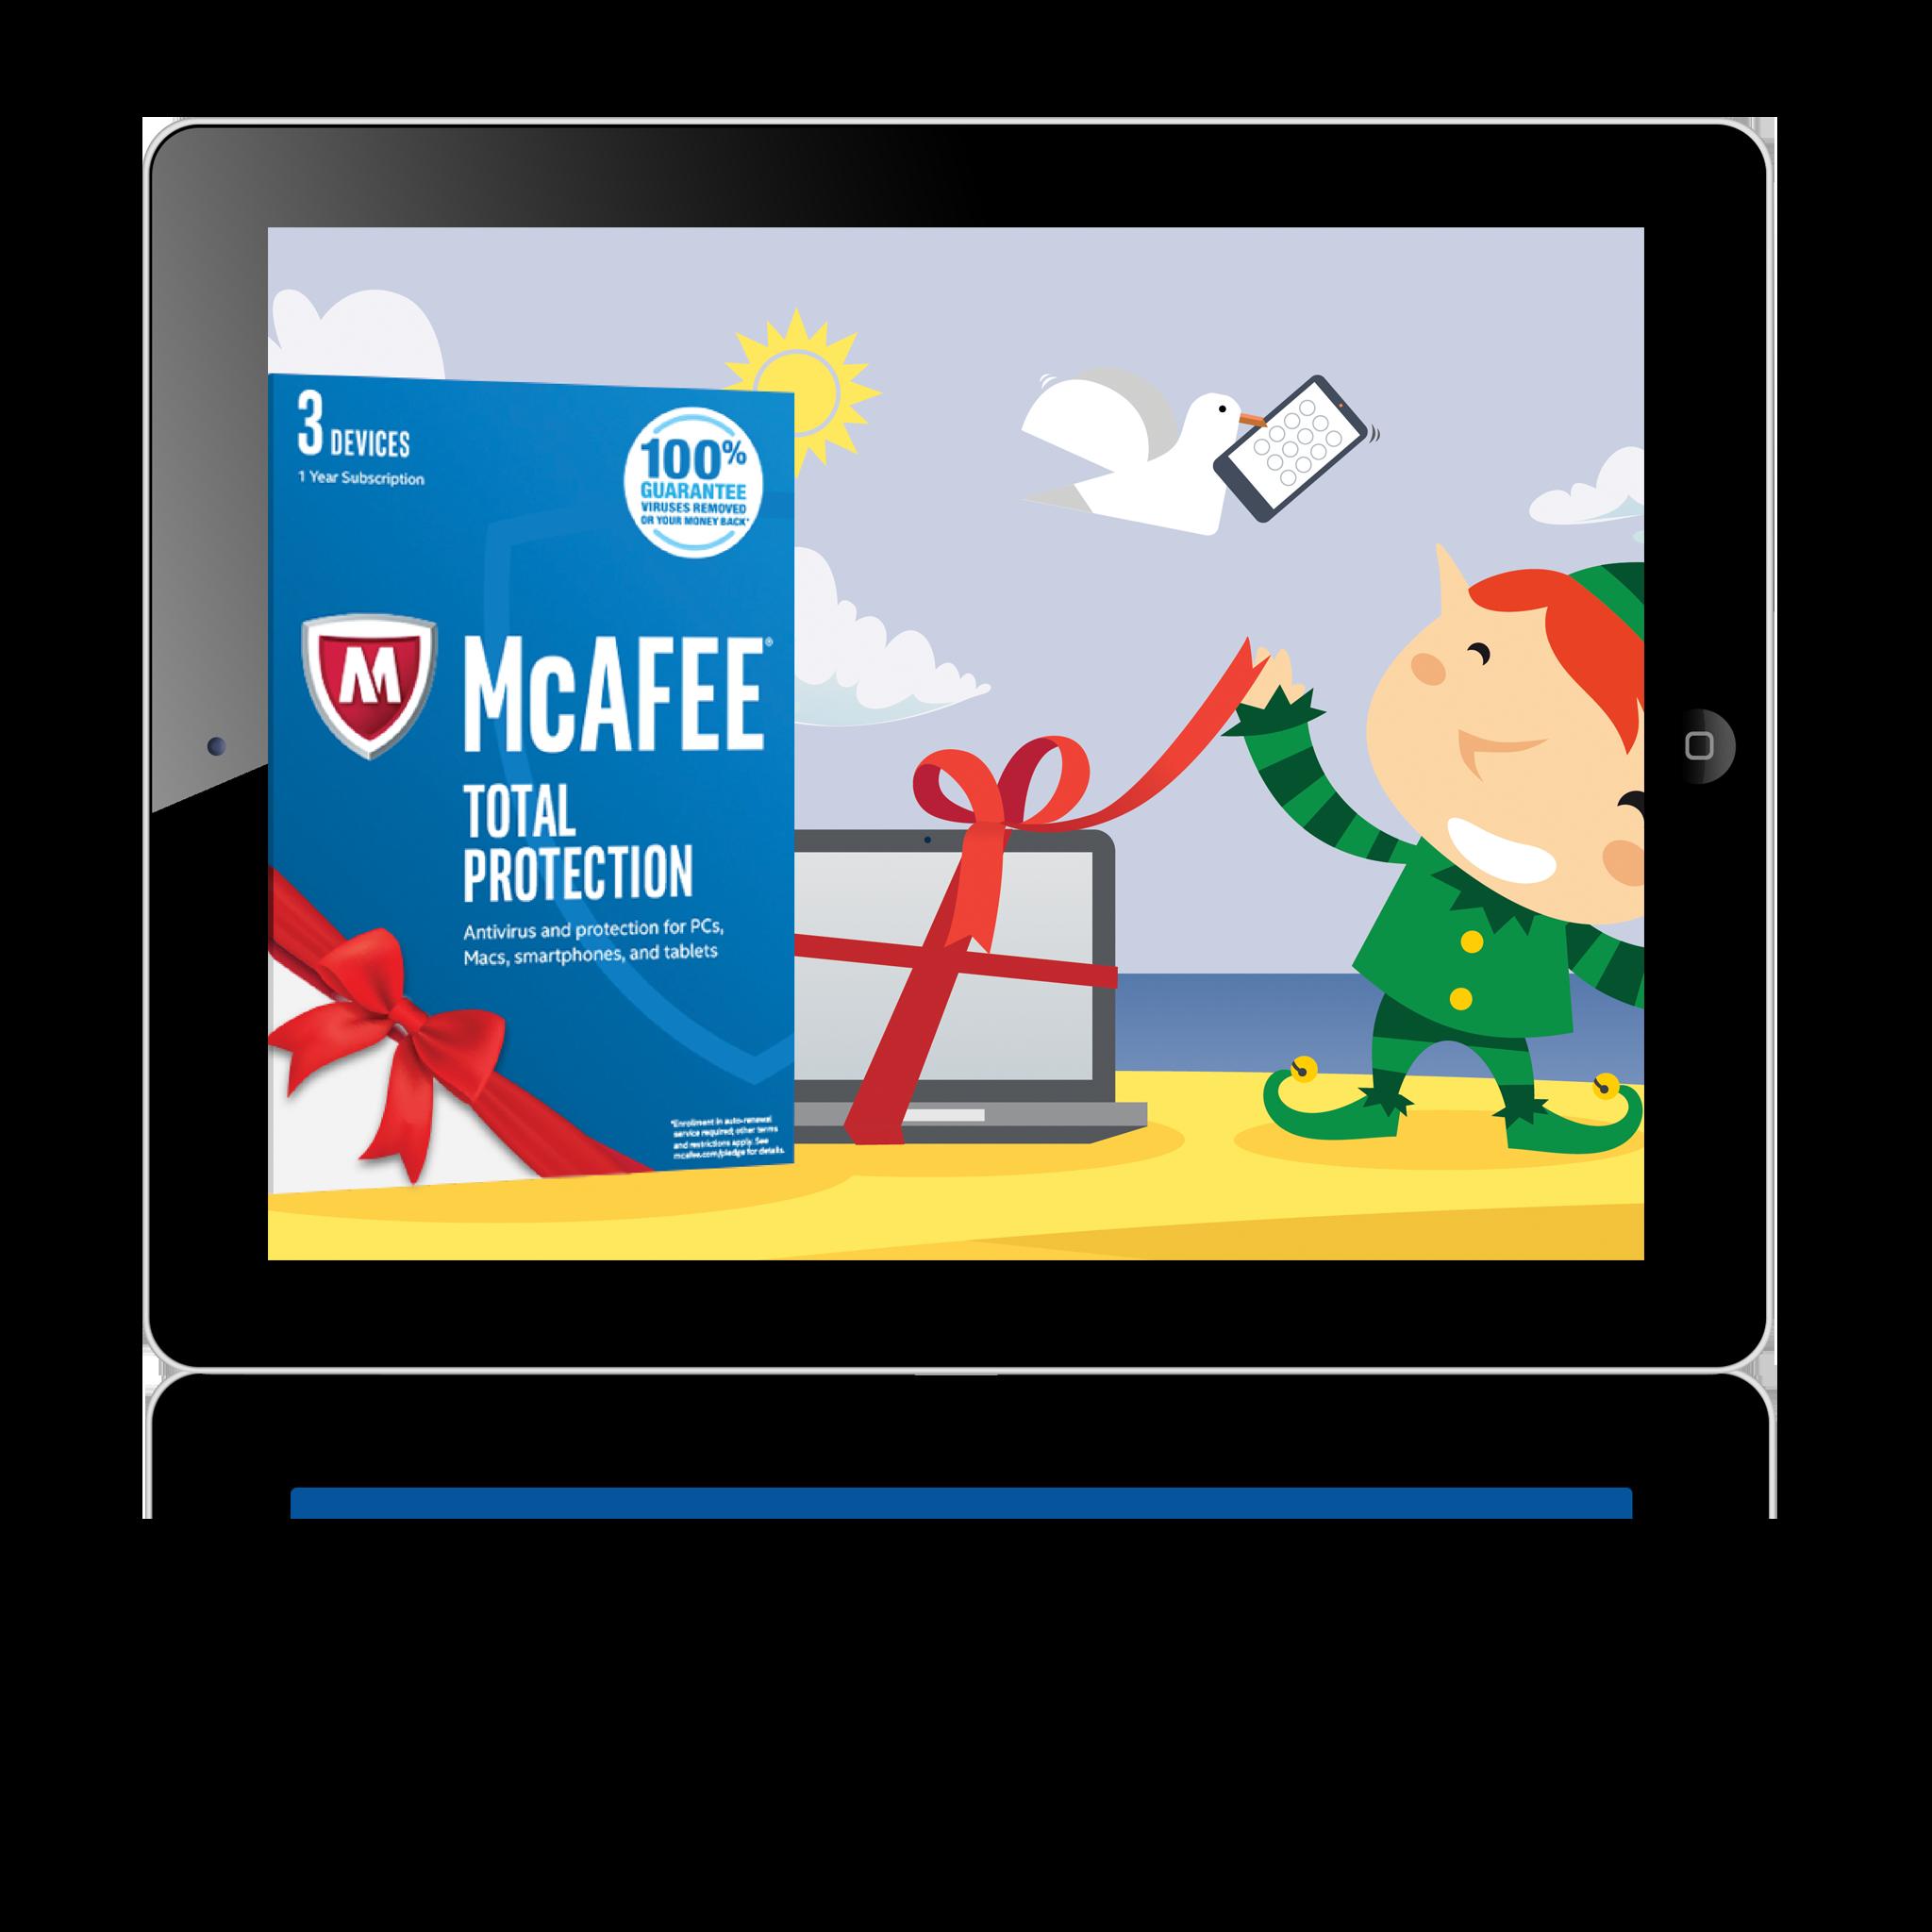 McAfee Ipad screen 1.png